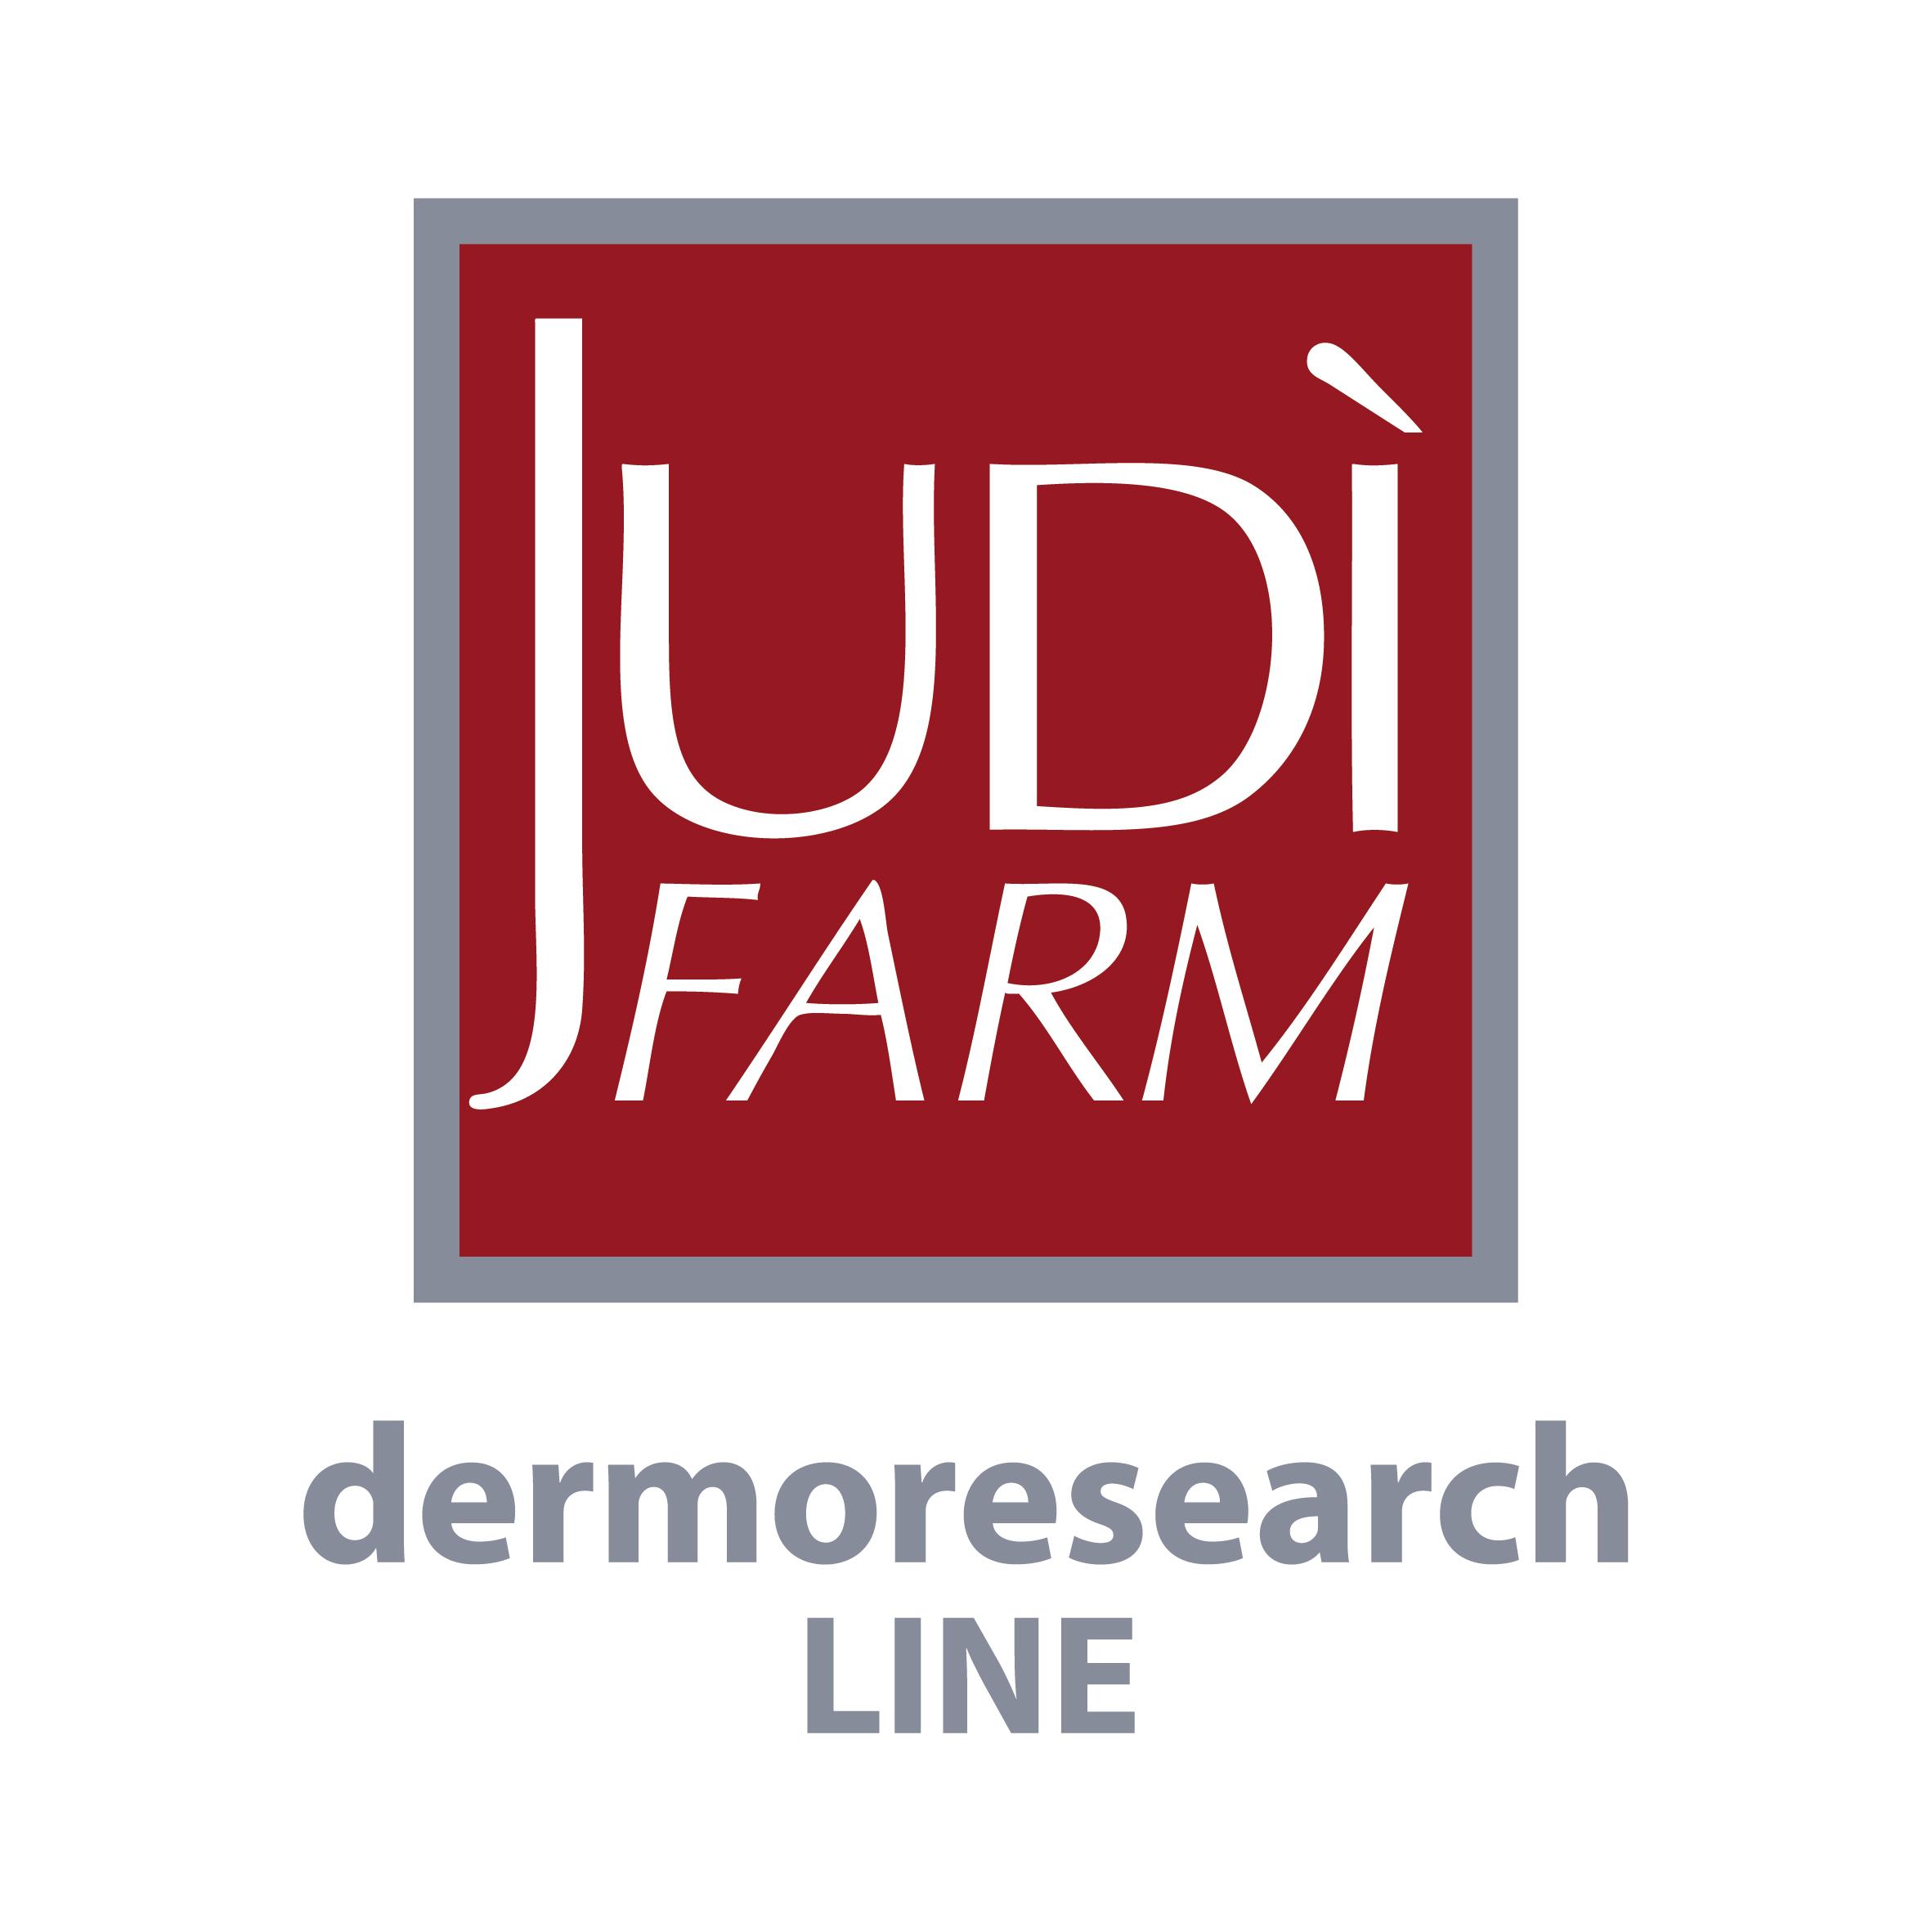 logo Judifarm